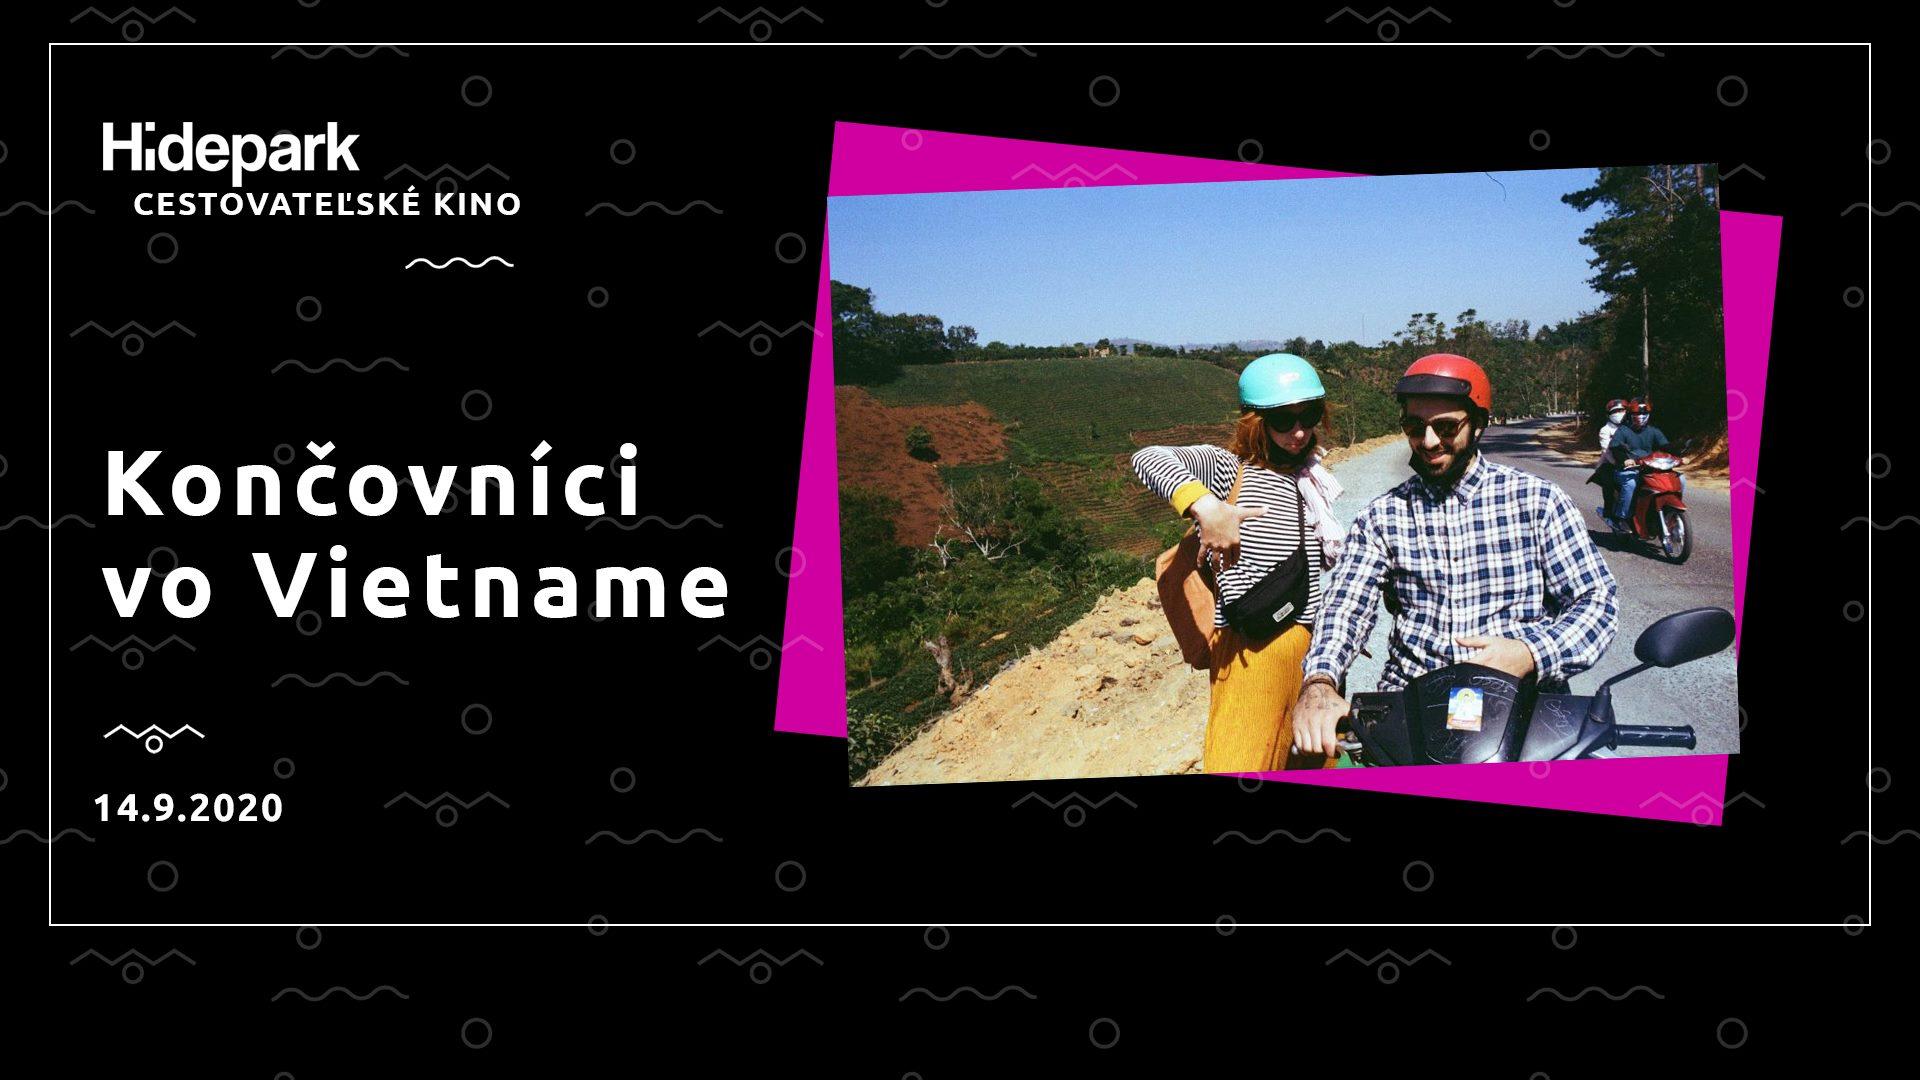 Cestovateľské kino: Končovníci vo Vietname Hidepark Nitra